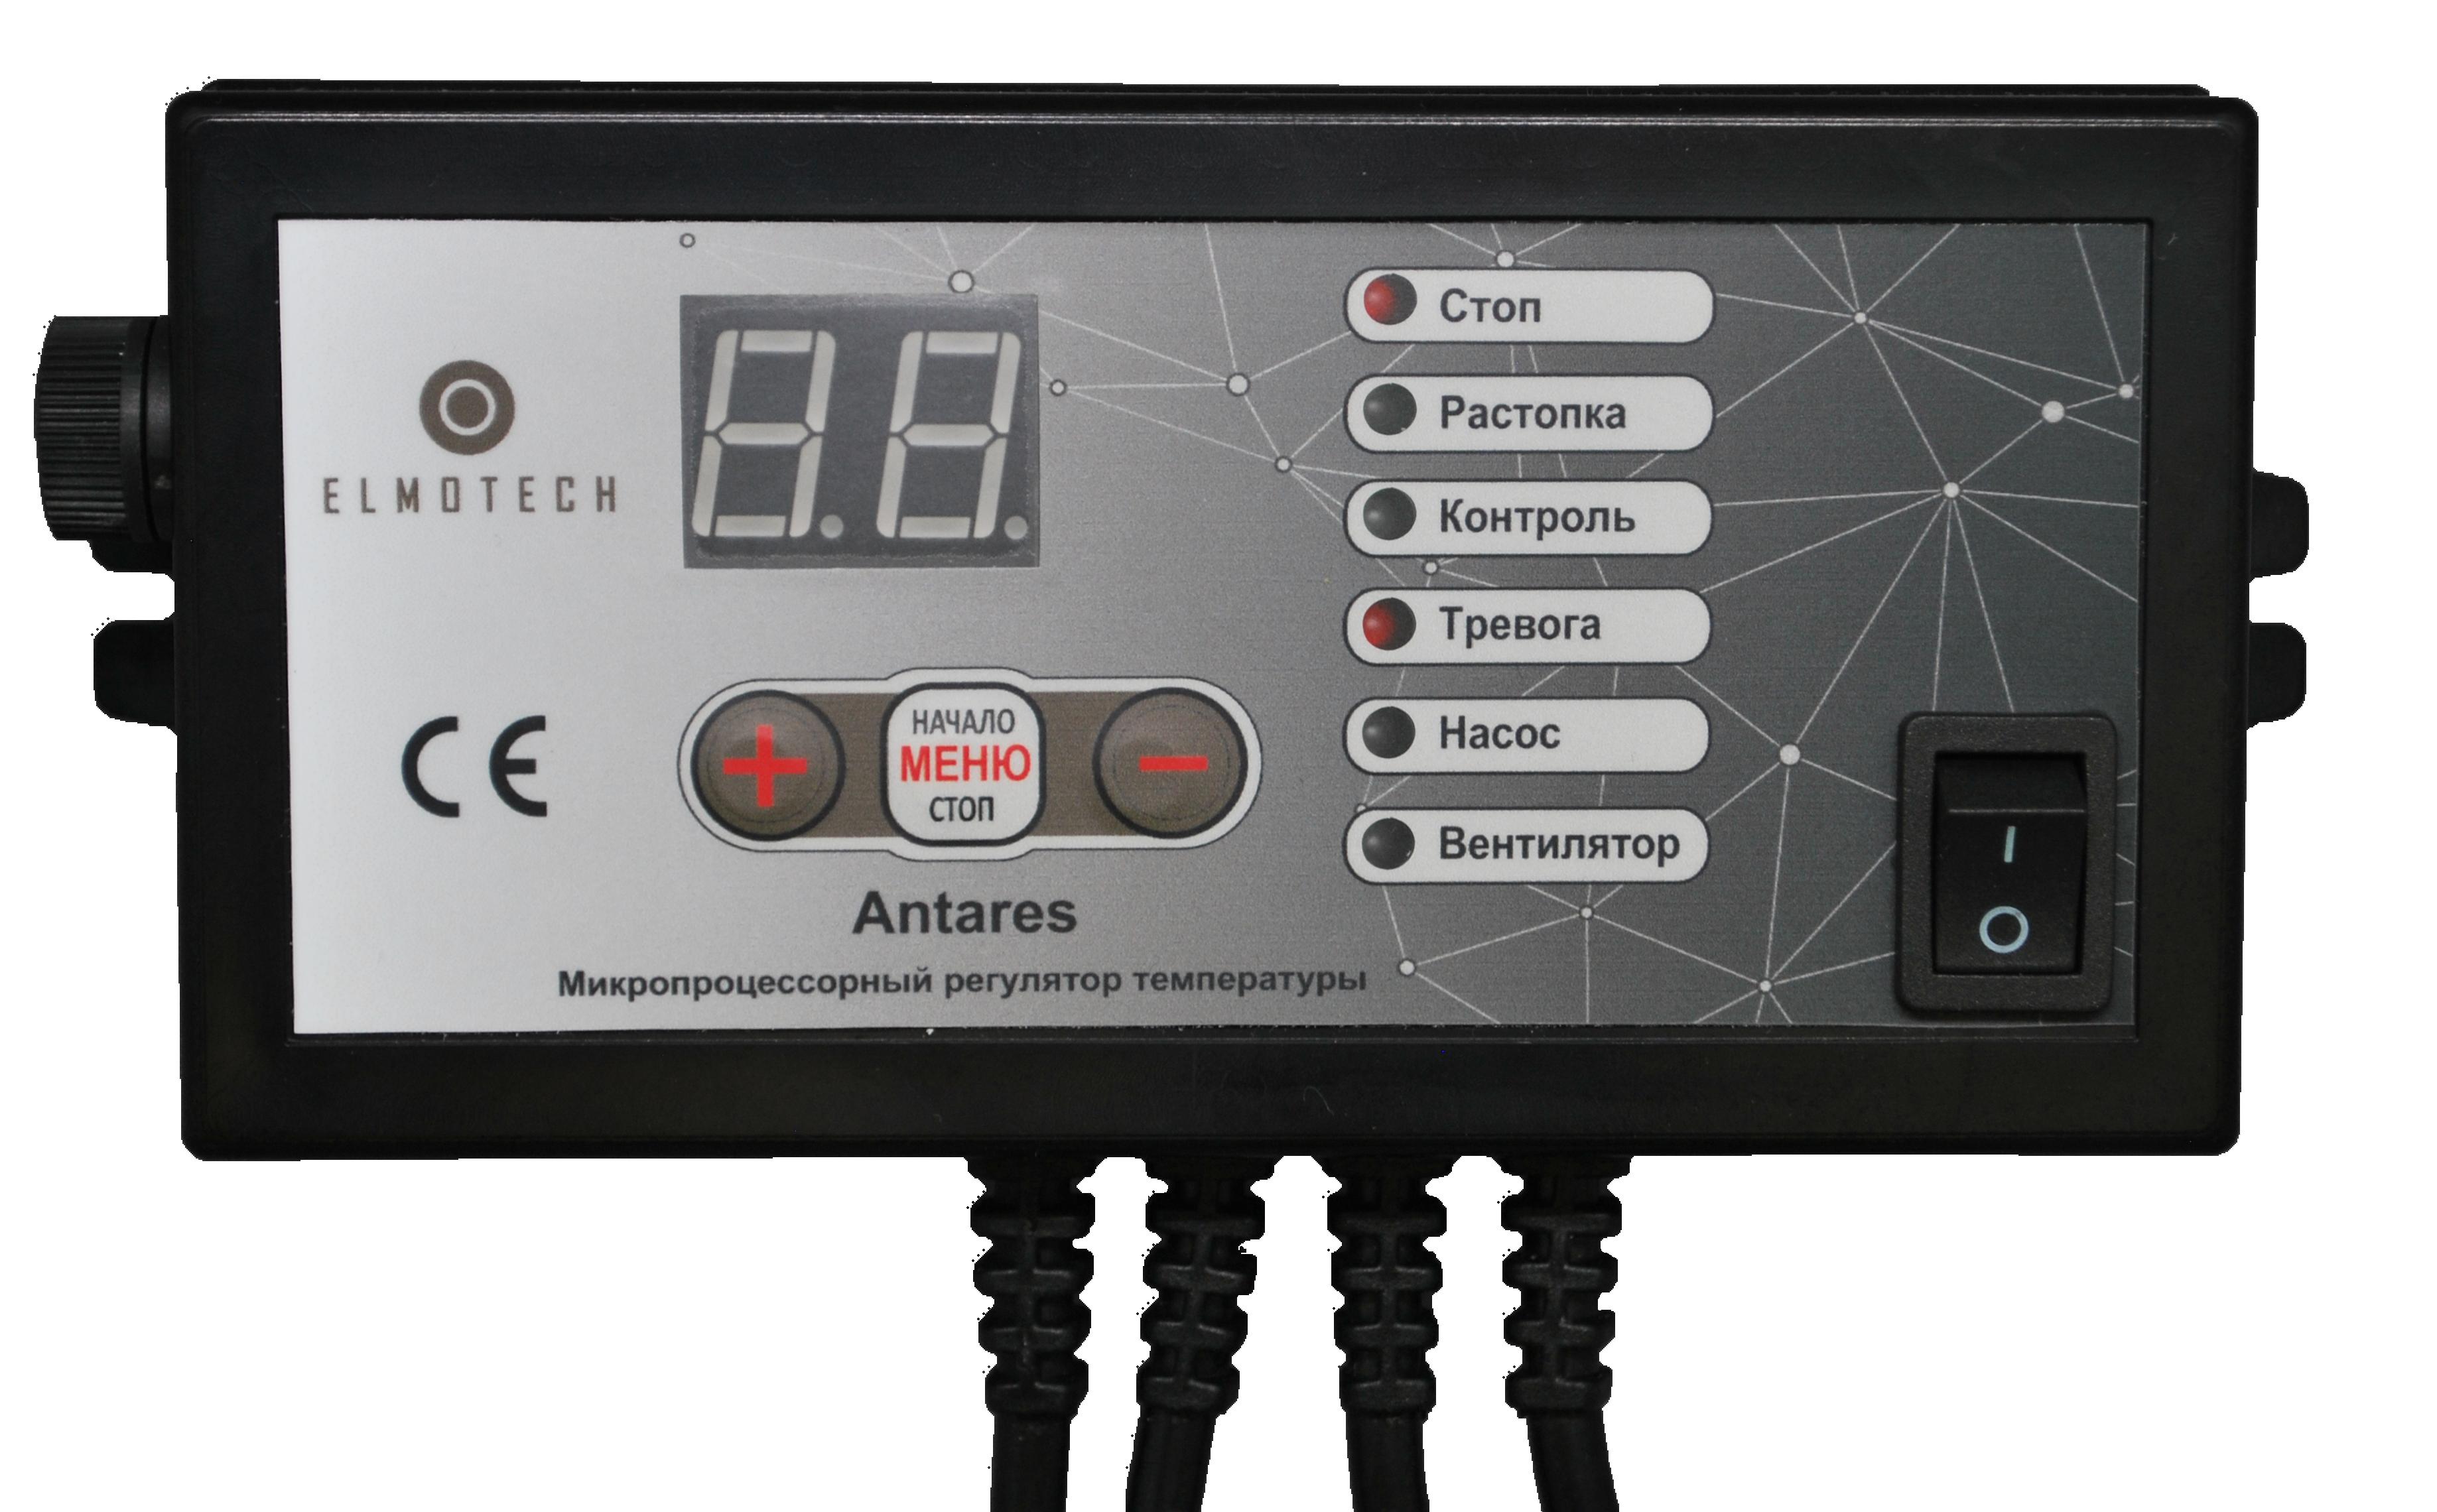 Контроллер Antares